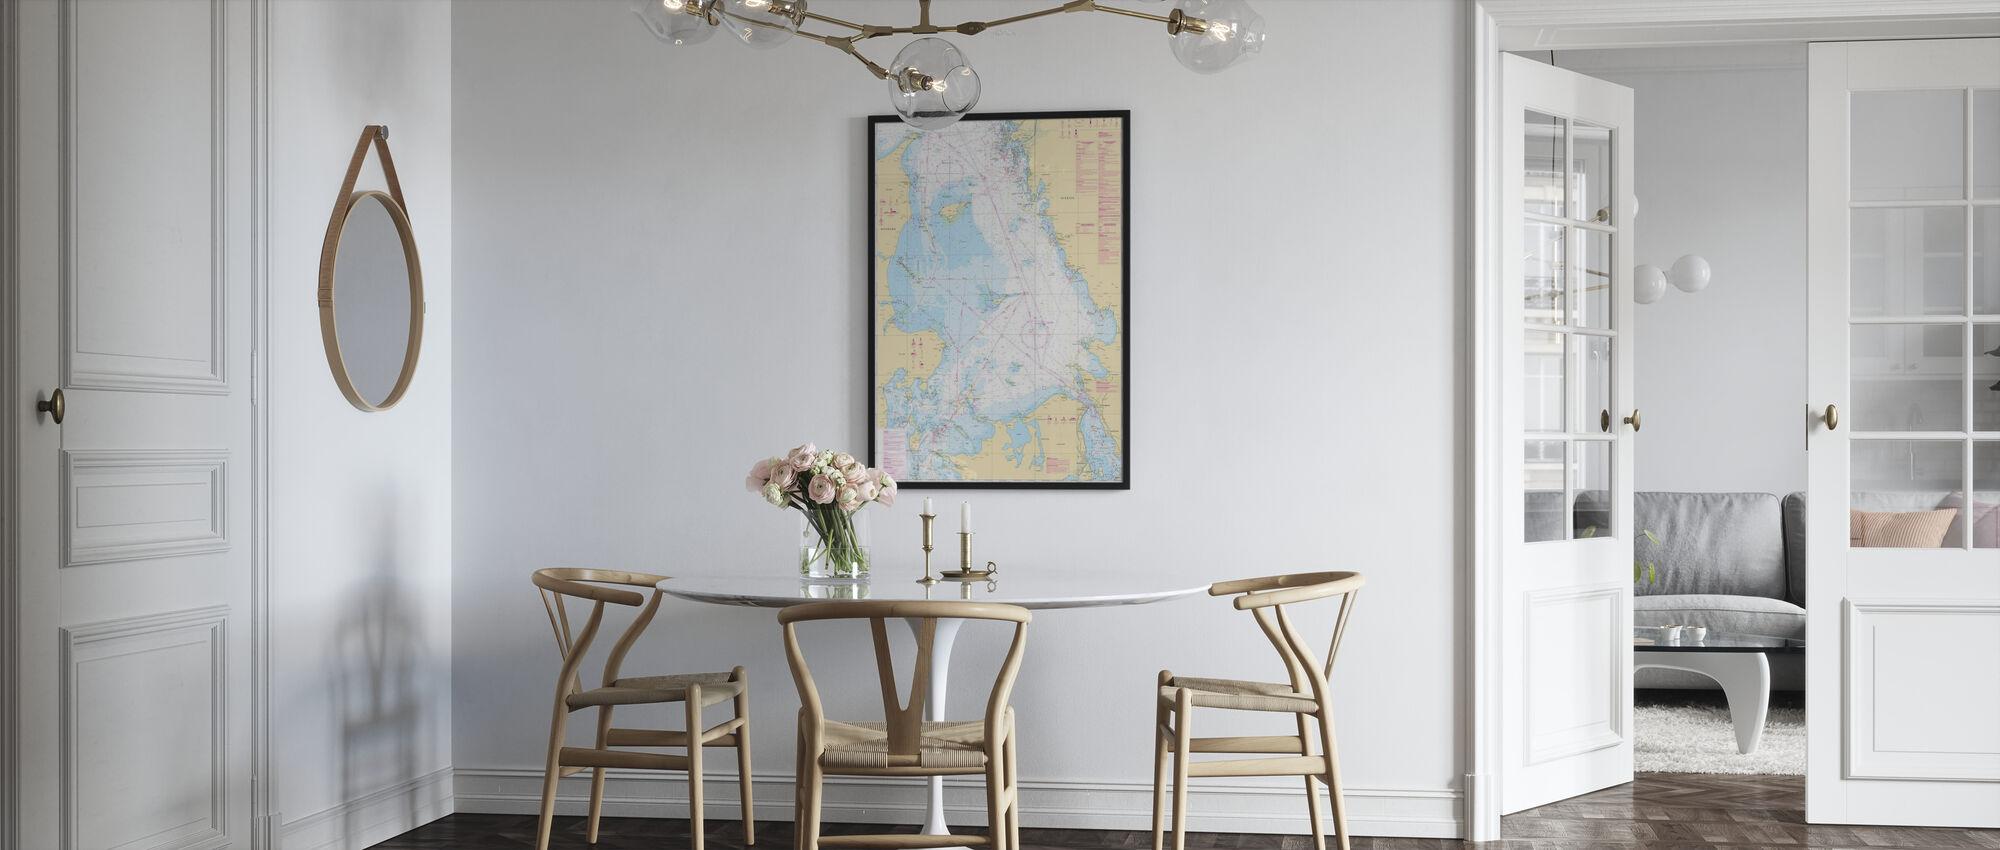 Zeekaart 92 - Kattegatt - Poster - Keuken